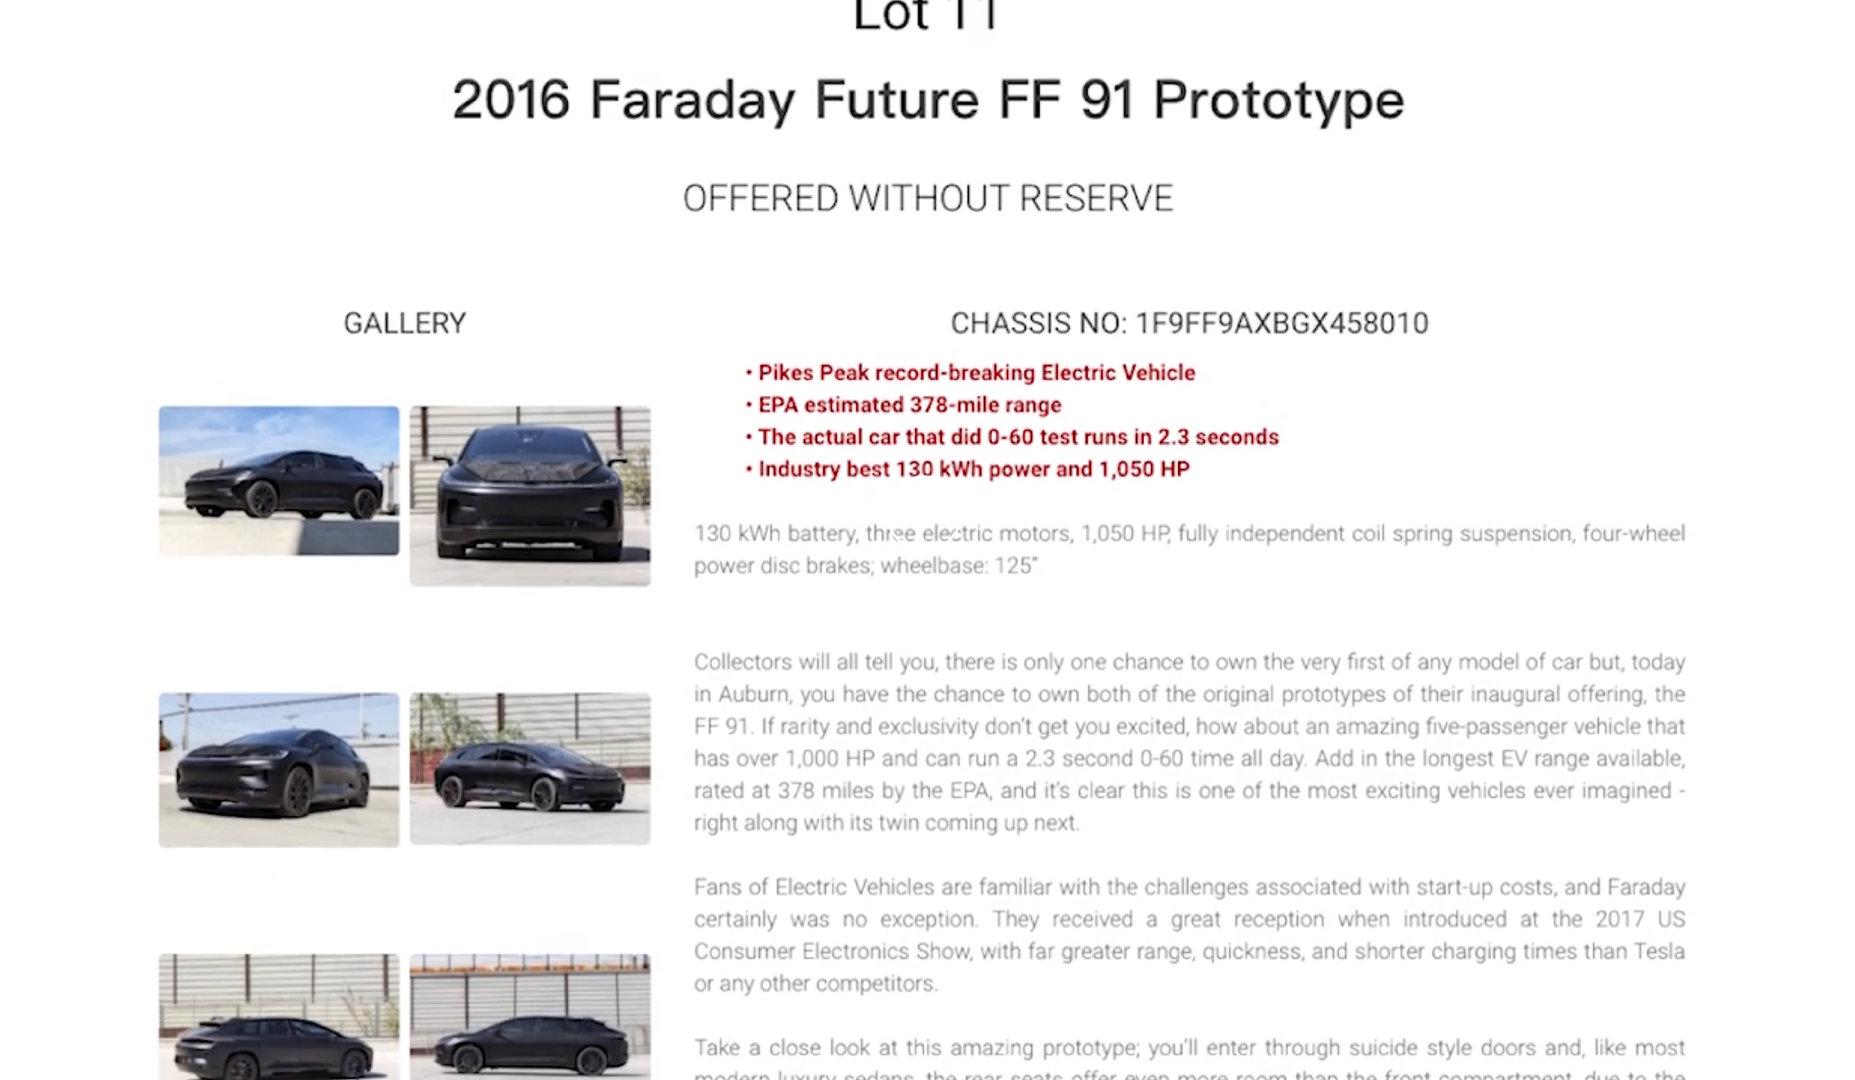 FF 91原型车将进行拍卖,目前起拍价尚未公布。